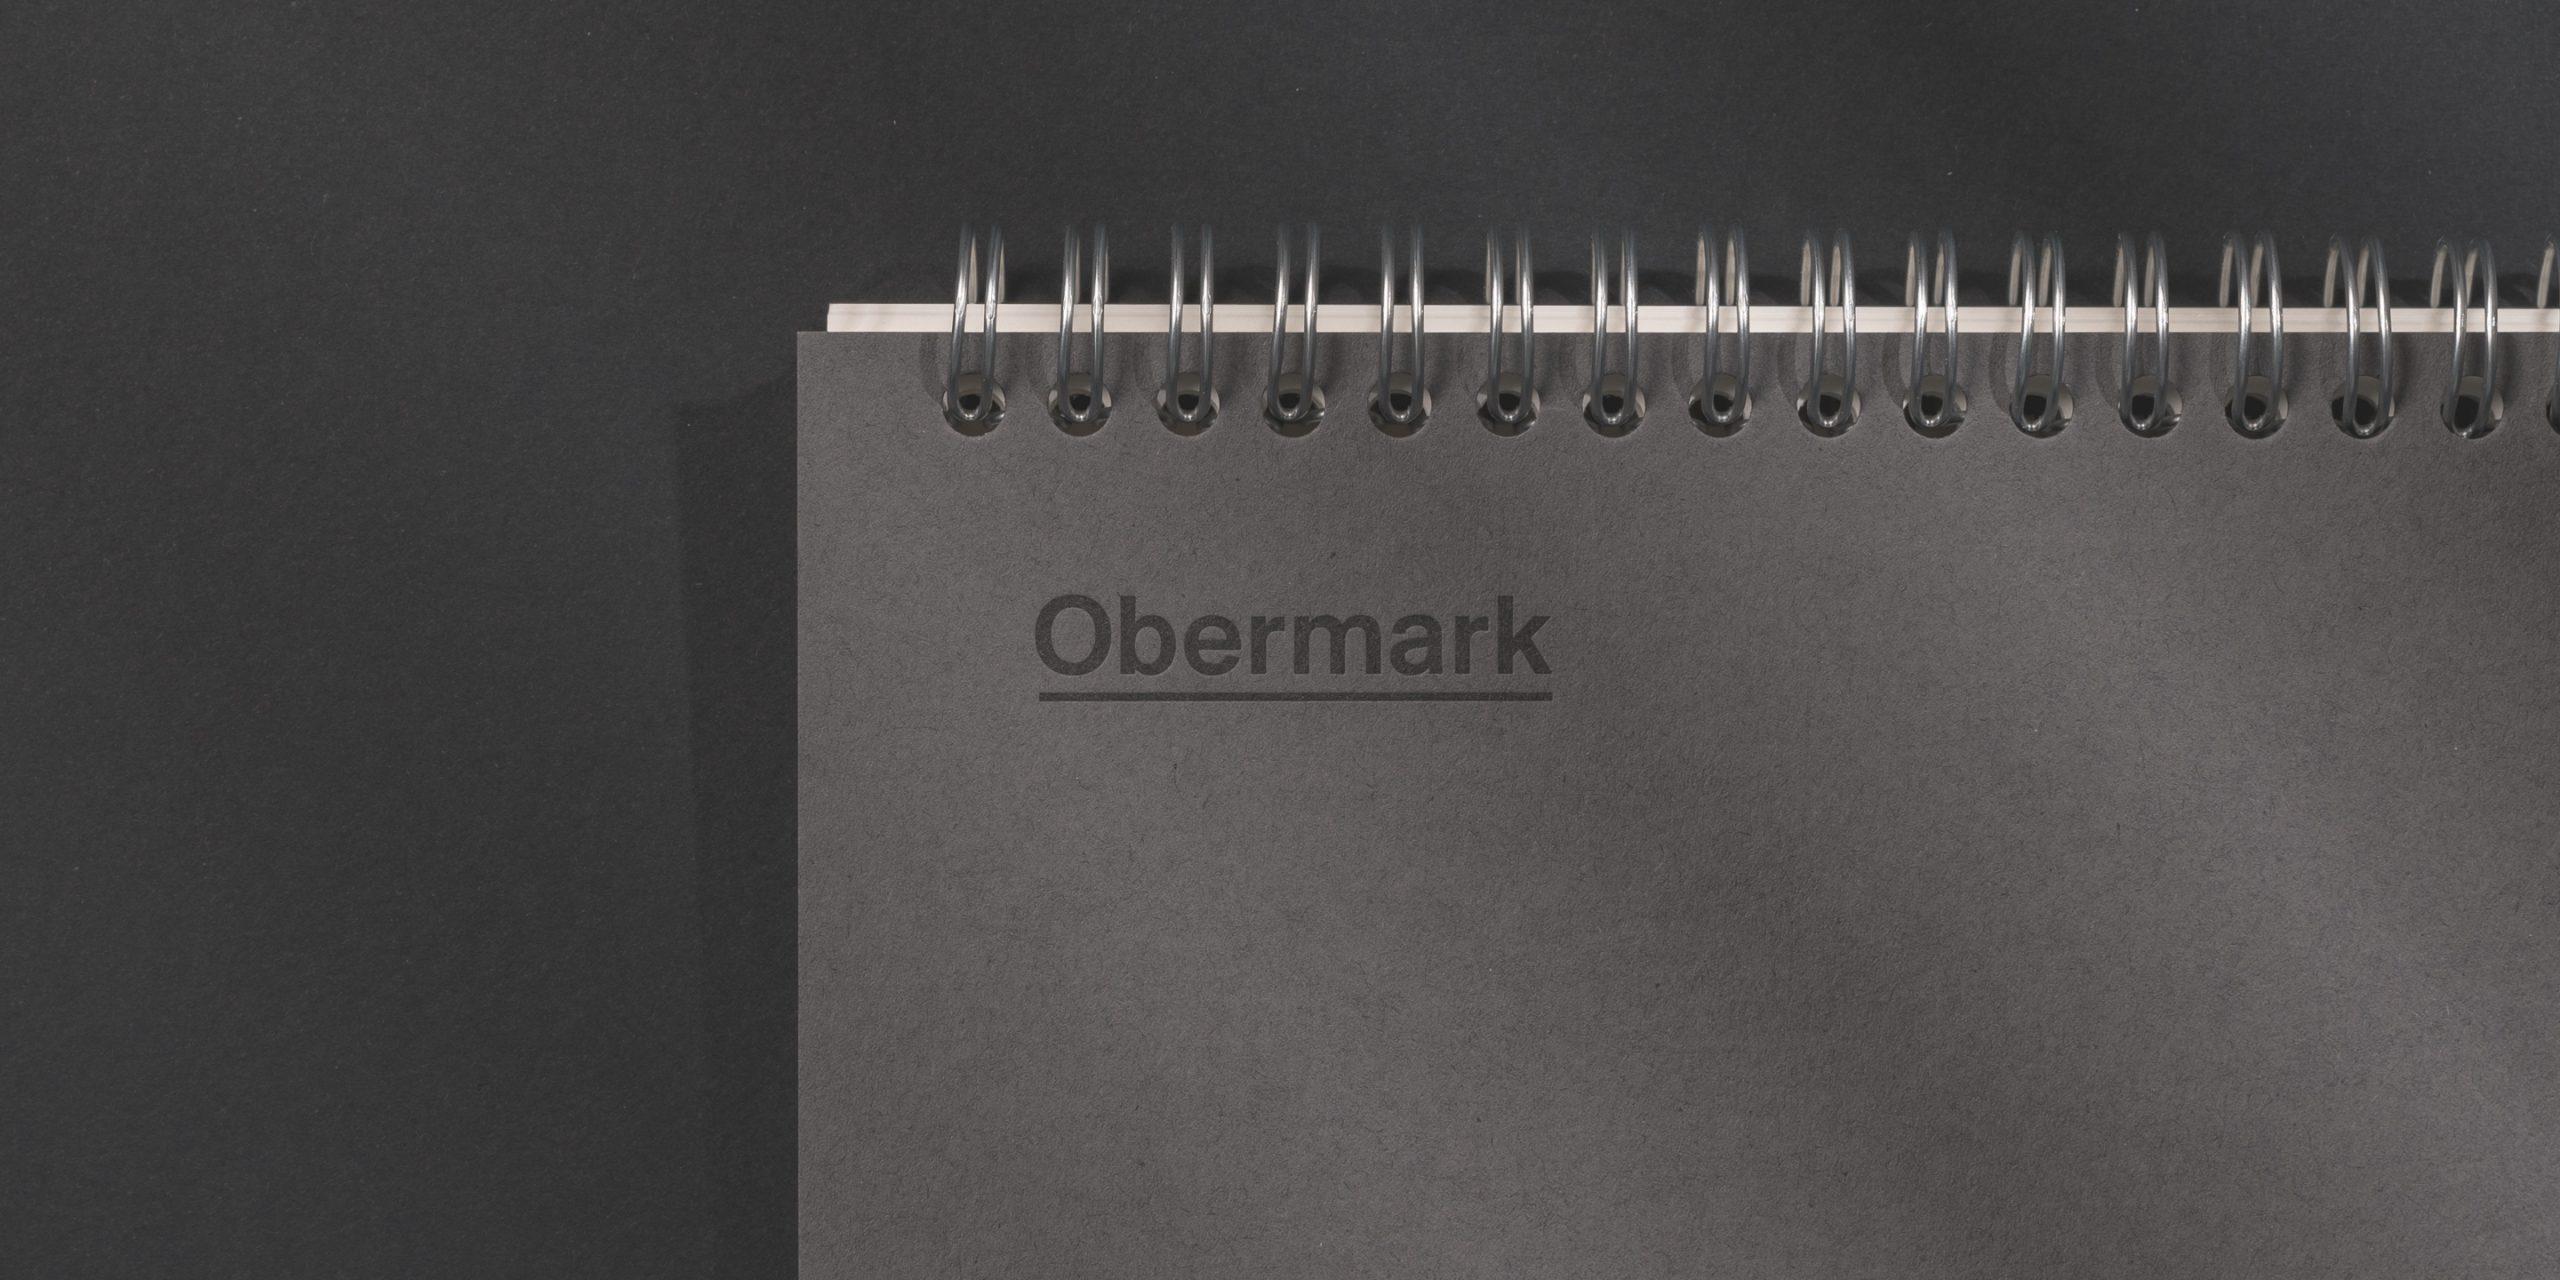 niklaslankenau_work_obermark-branding_module-c_3